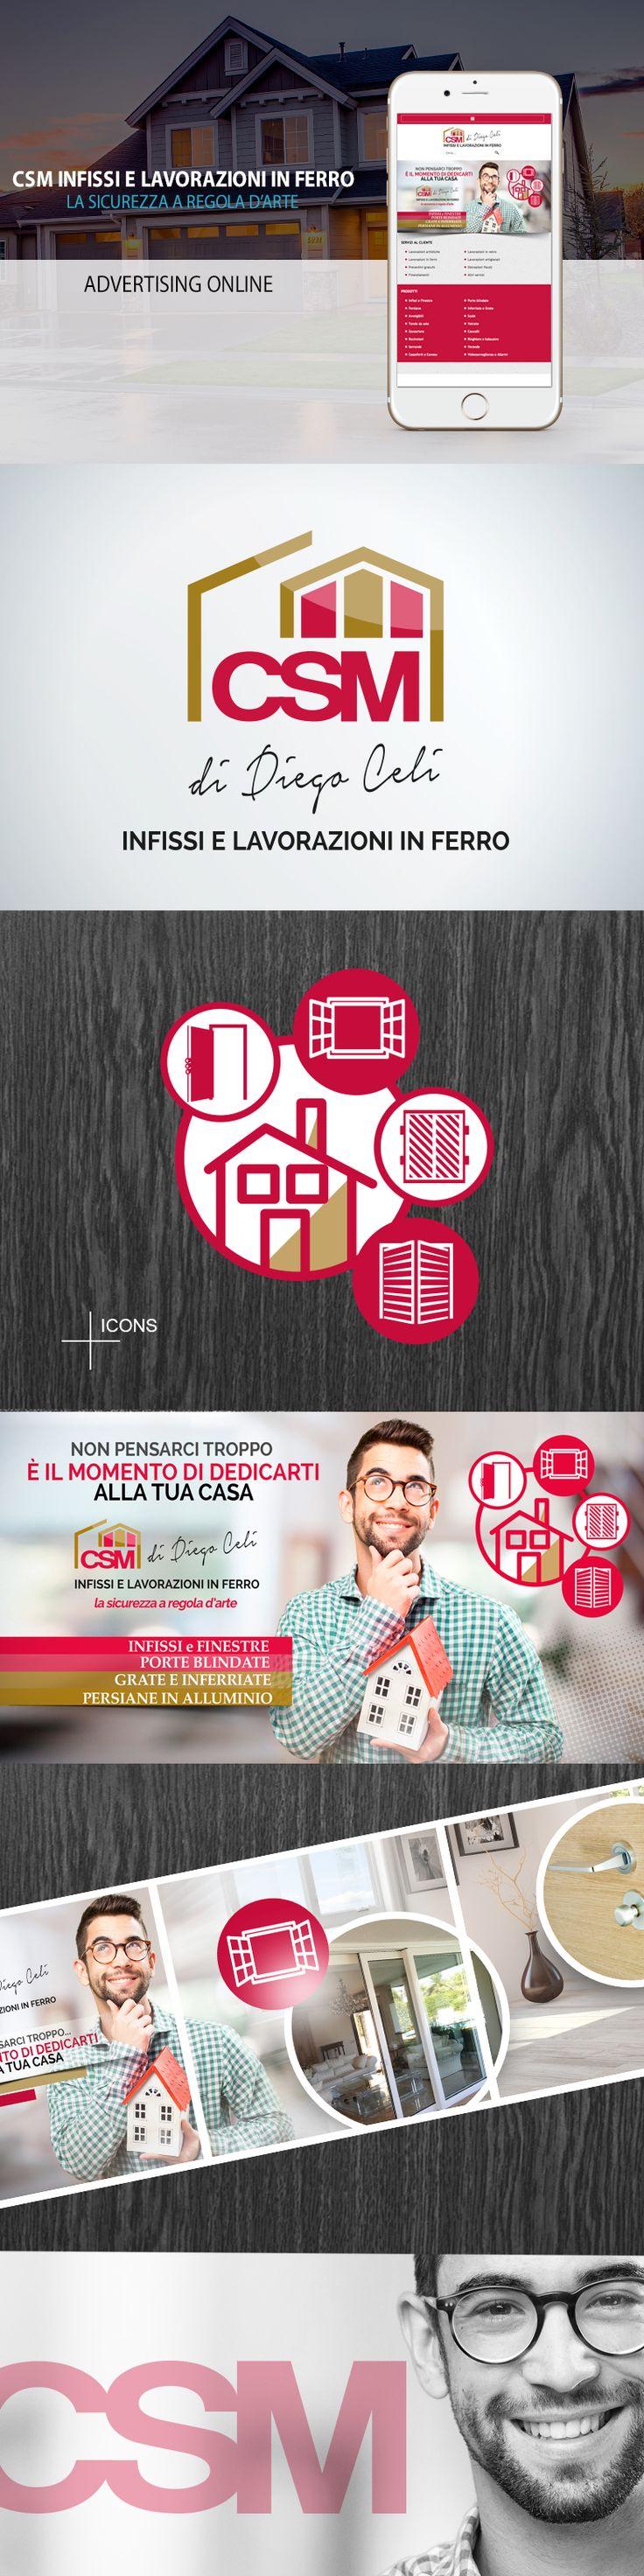 Advertising online per CSM INFISSI di Diego Celi. Studio, ideazione e realizzazione della campagna online targata CeC - Creare e Comunicare - Web and Communication Agency - Roma - https://www.csmdiegoceliinfissi.it/